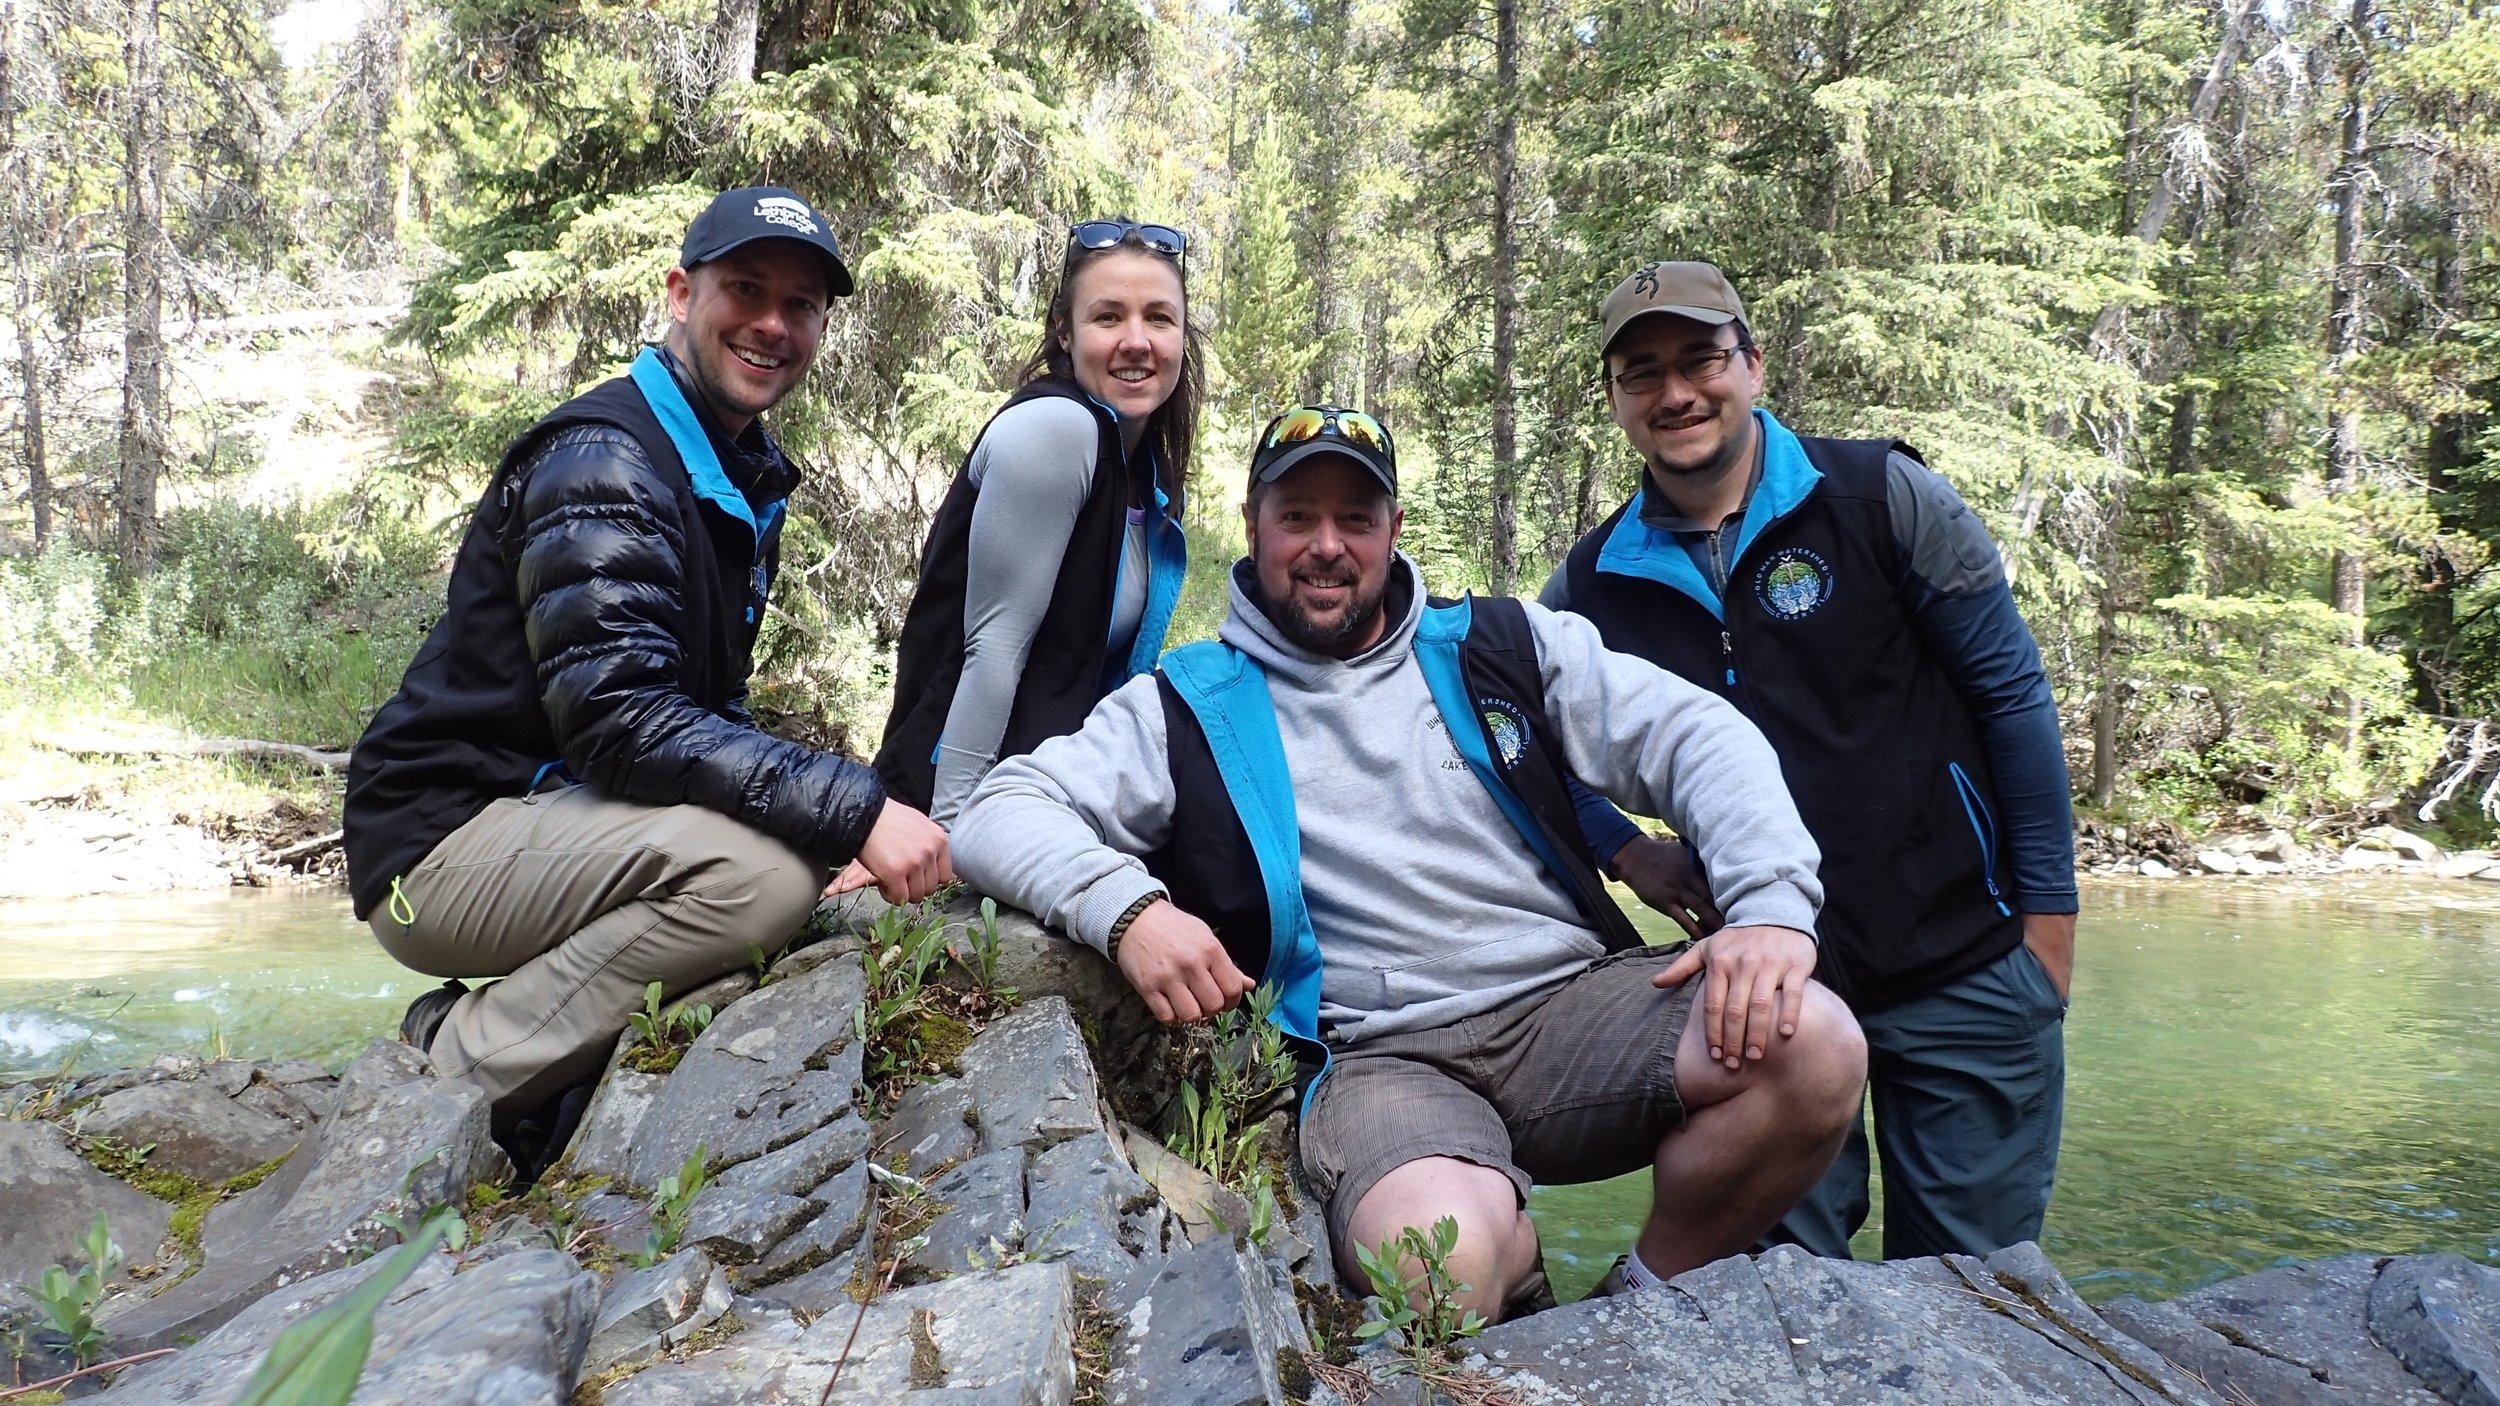 L-R: Ryan, Nicola, Thomas and Rob.